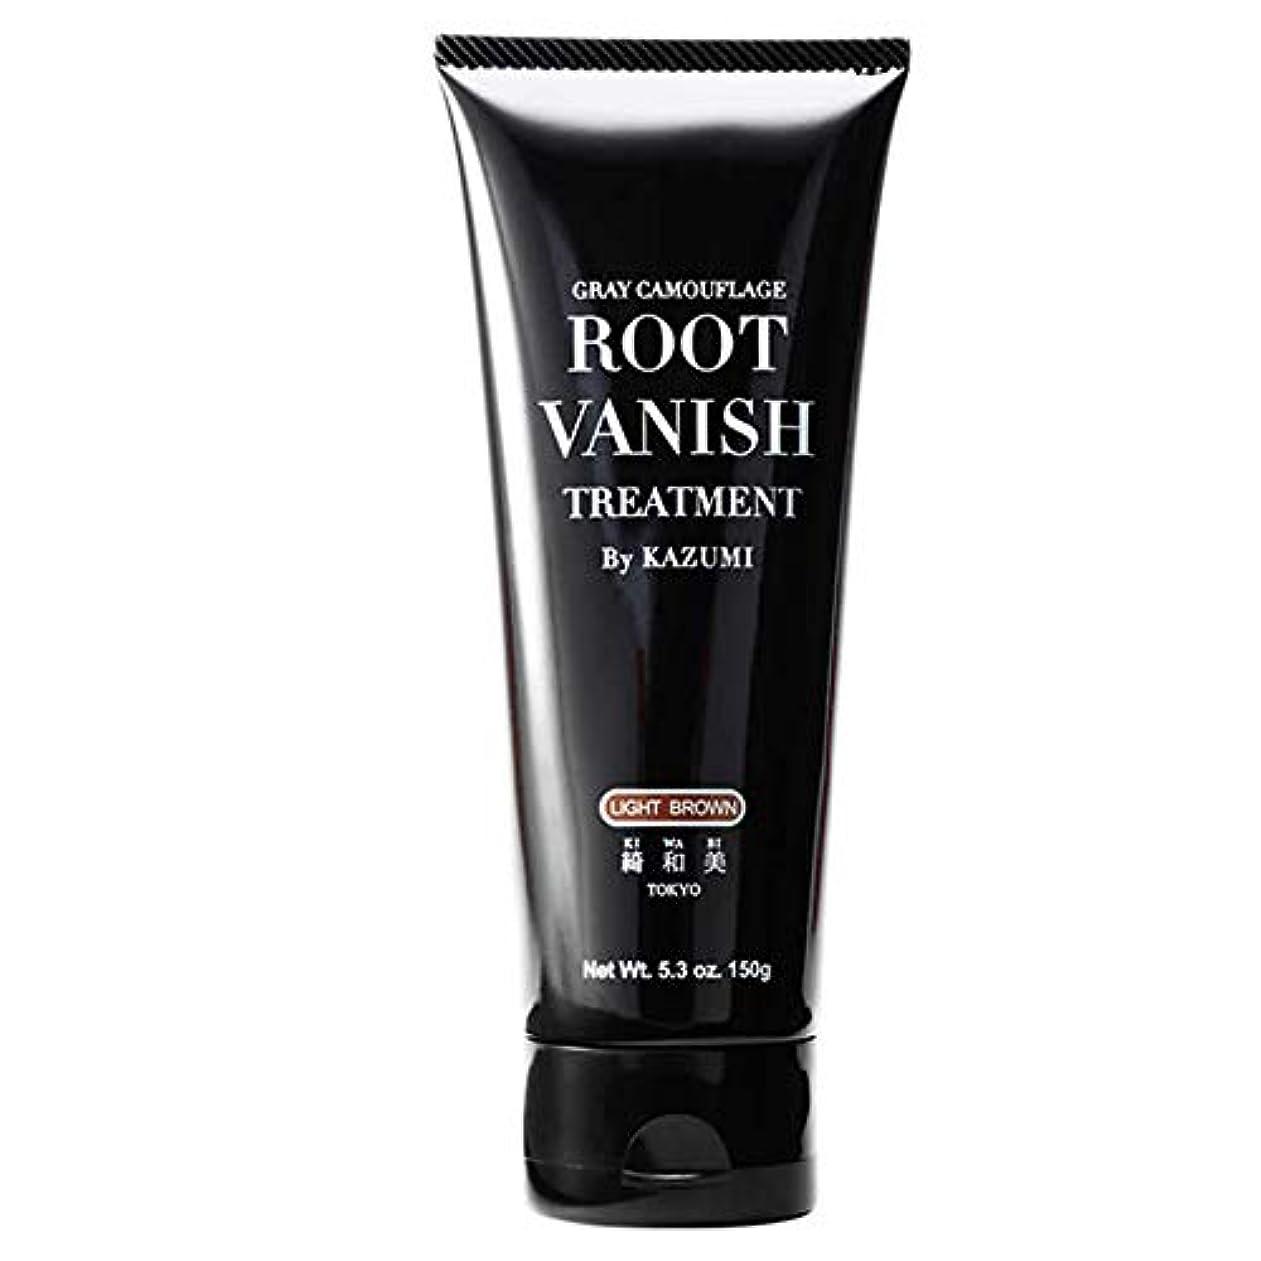 引き出しを通してでるRoot Vanish 白髪染め (ライトブラウン) ヘアカラートリートメント 女性用 [100%天然成分 / 無添加22種類の植物エキス配合]